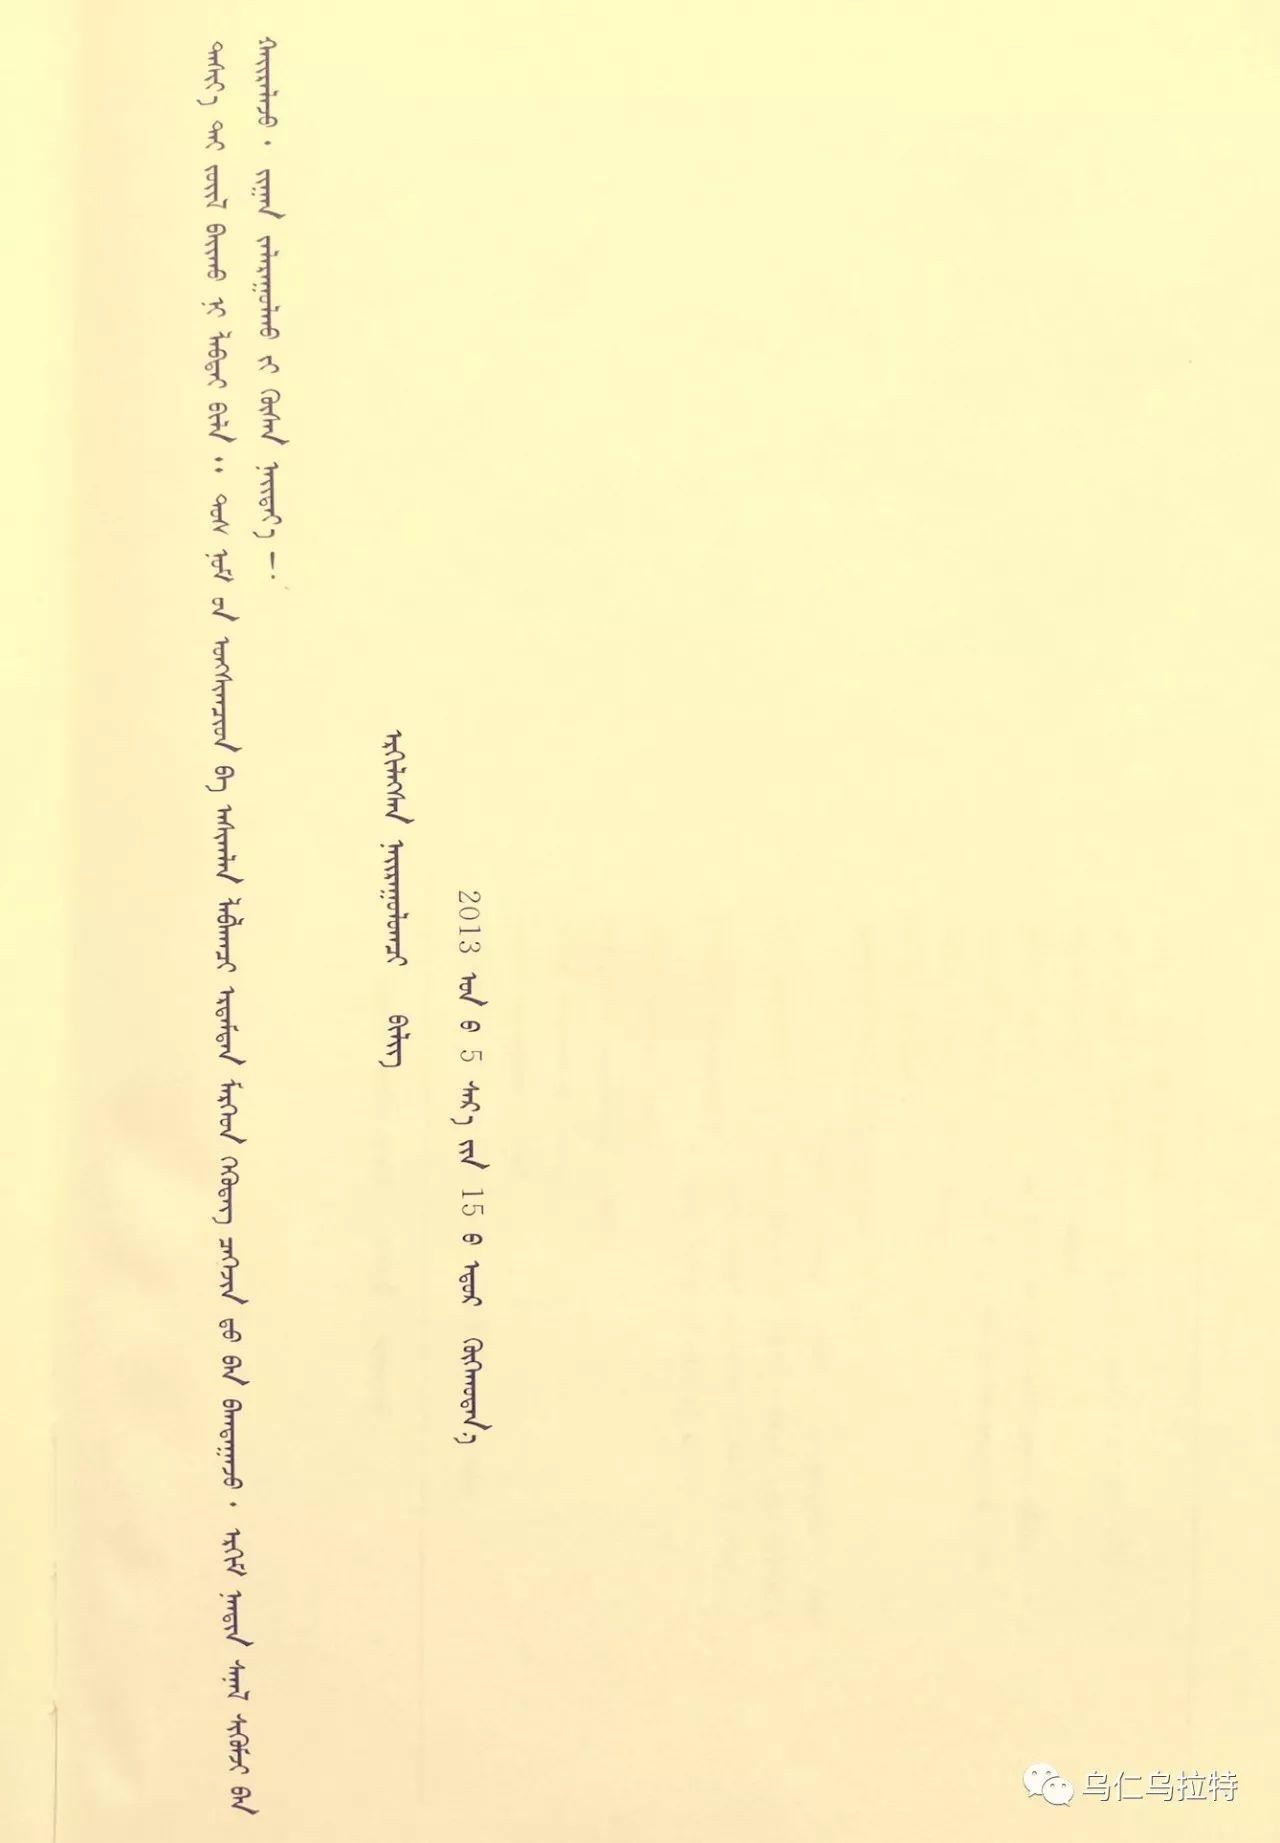 图书介绍《乌拉特历史文化》 第50张